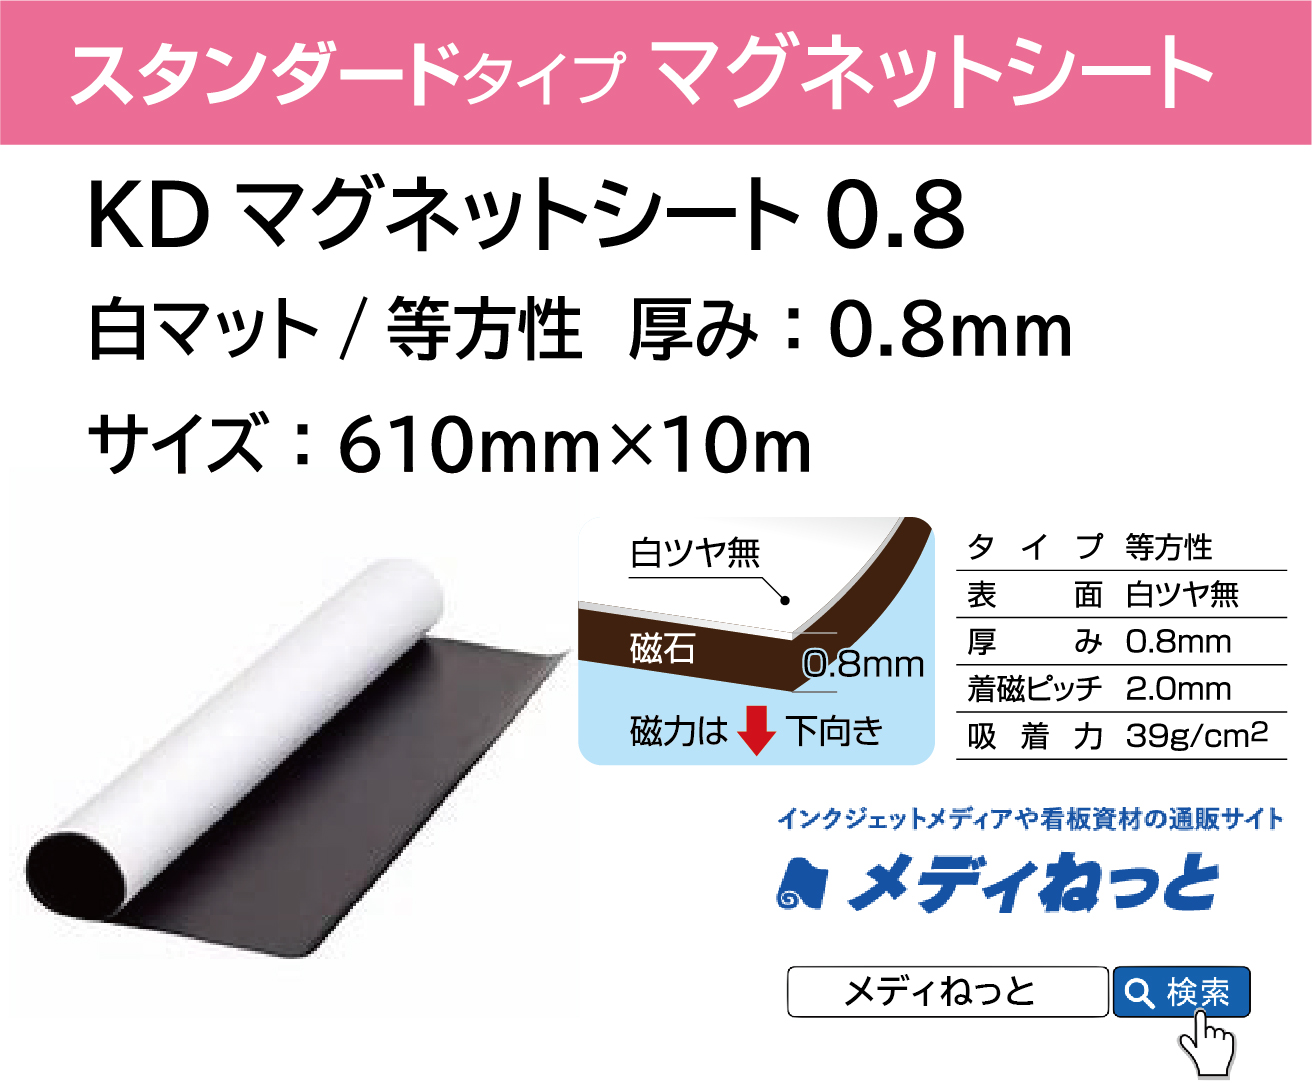 KDマグネットシート0.8(白マット/等方性) 厚み:0.8mm/サイズ:610mm×10M